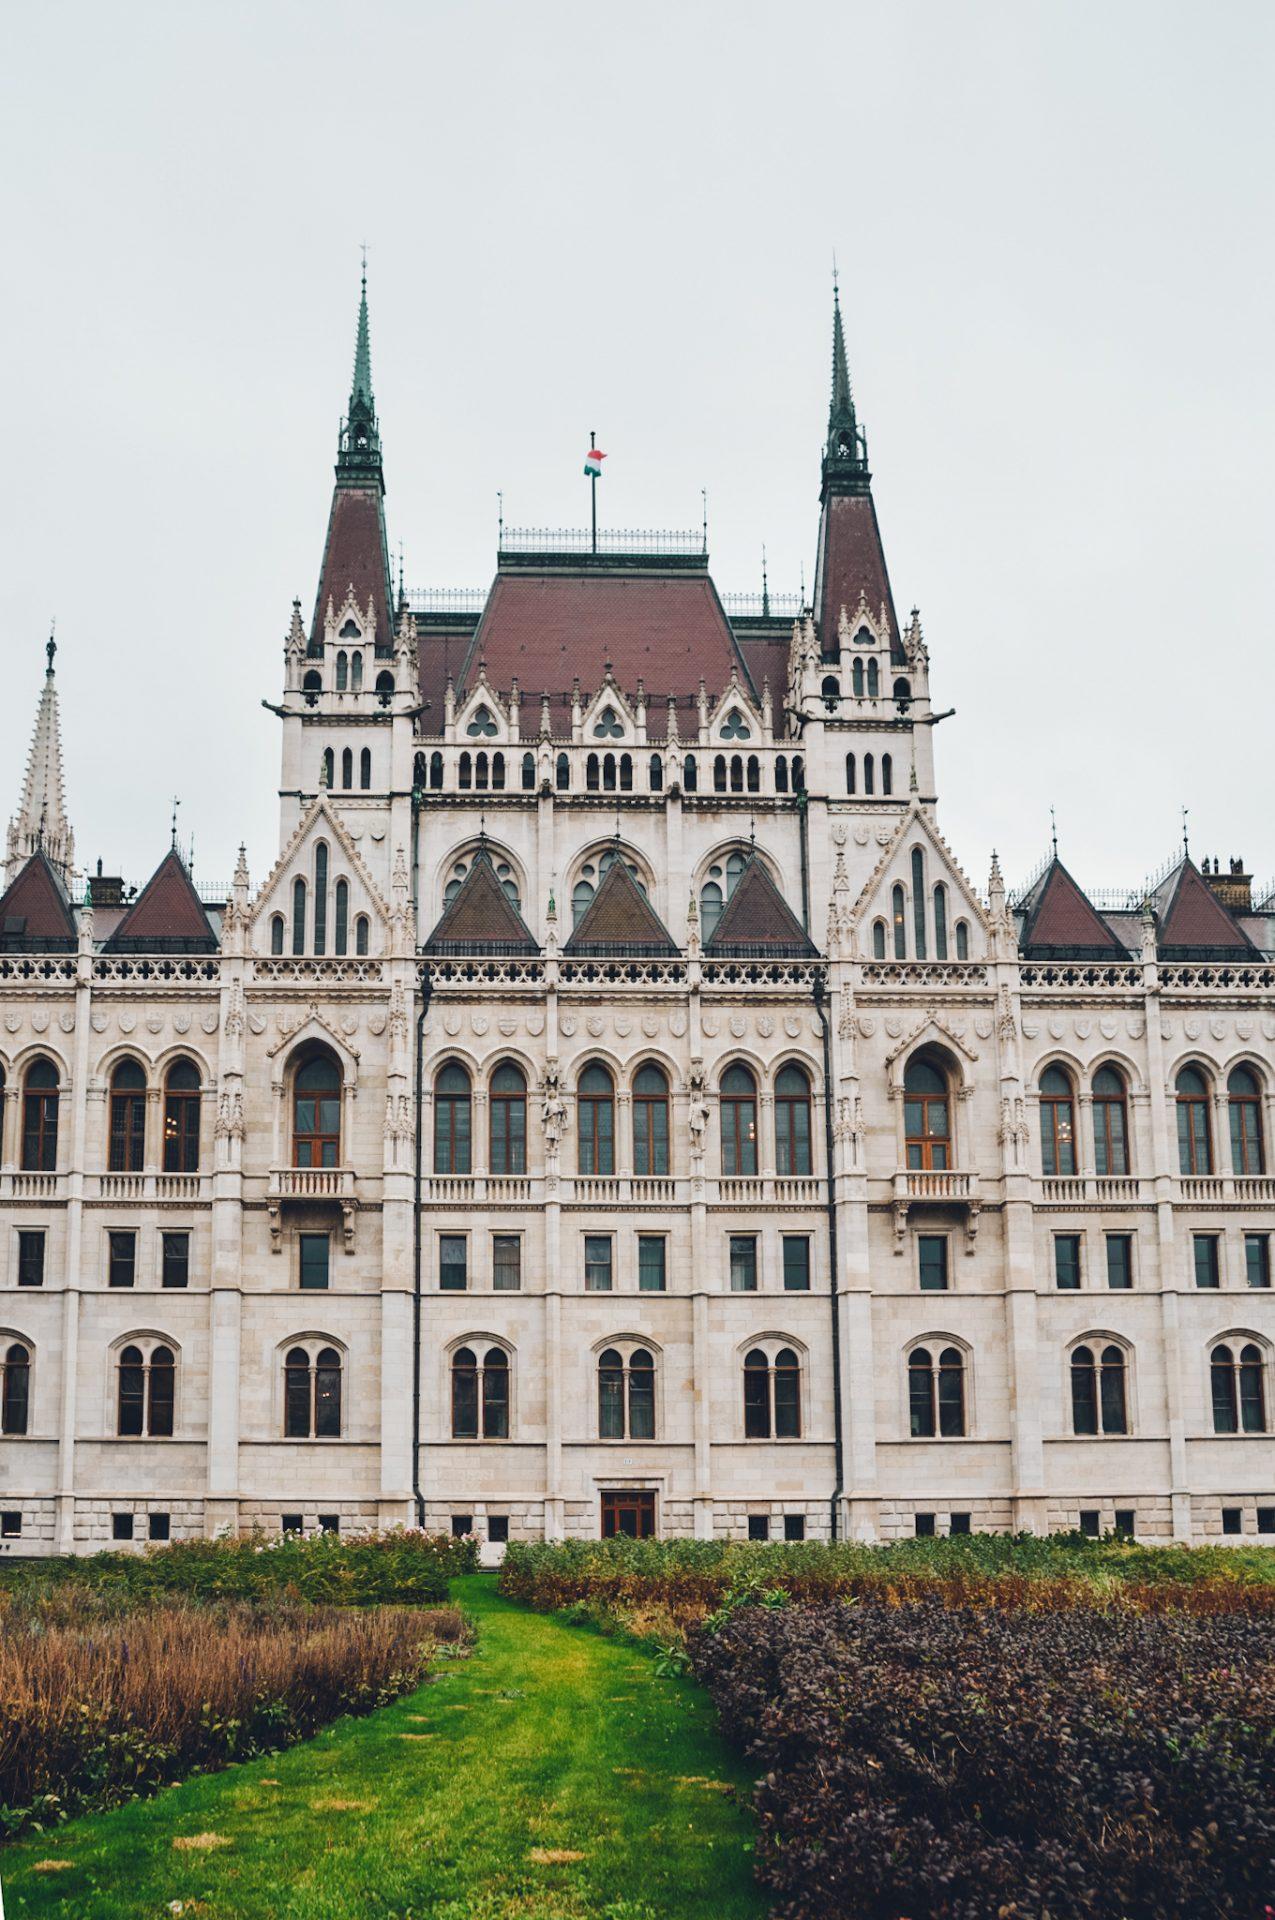 Buda Castle - Photo Guide